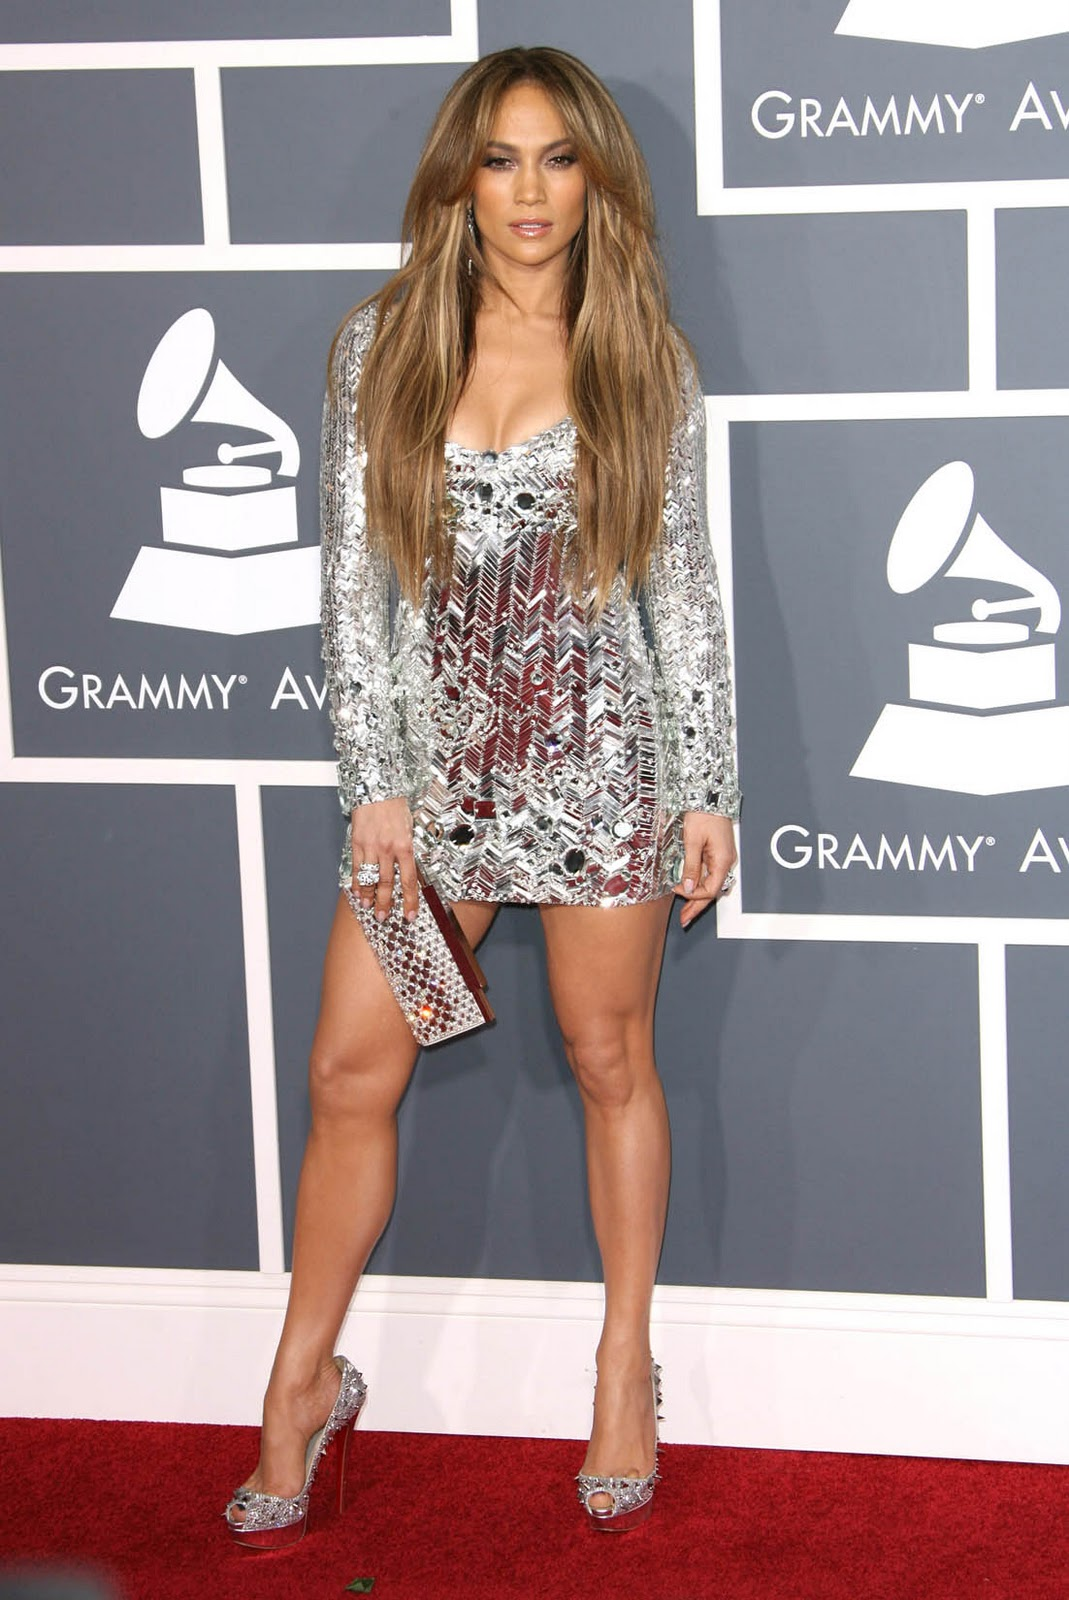 http://4.bp.blogspot.com/-10ZyI-Zh904/TuEijJOz8EI/AAAAAAAAAy8/RLpo4EanirY/s1600/jennifer_lopez_grammy_dress_4.jpg